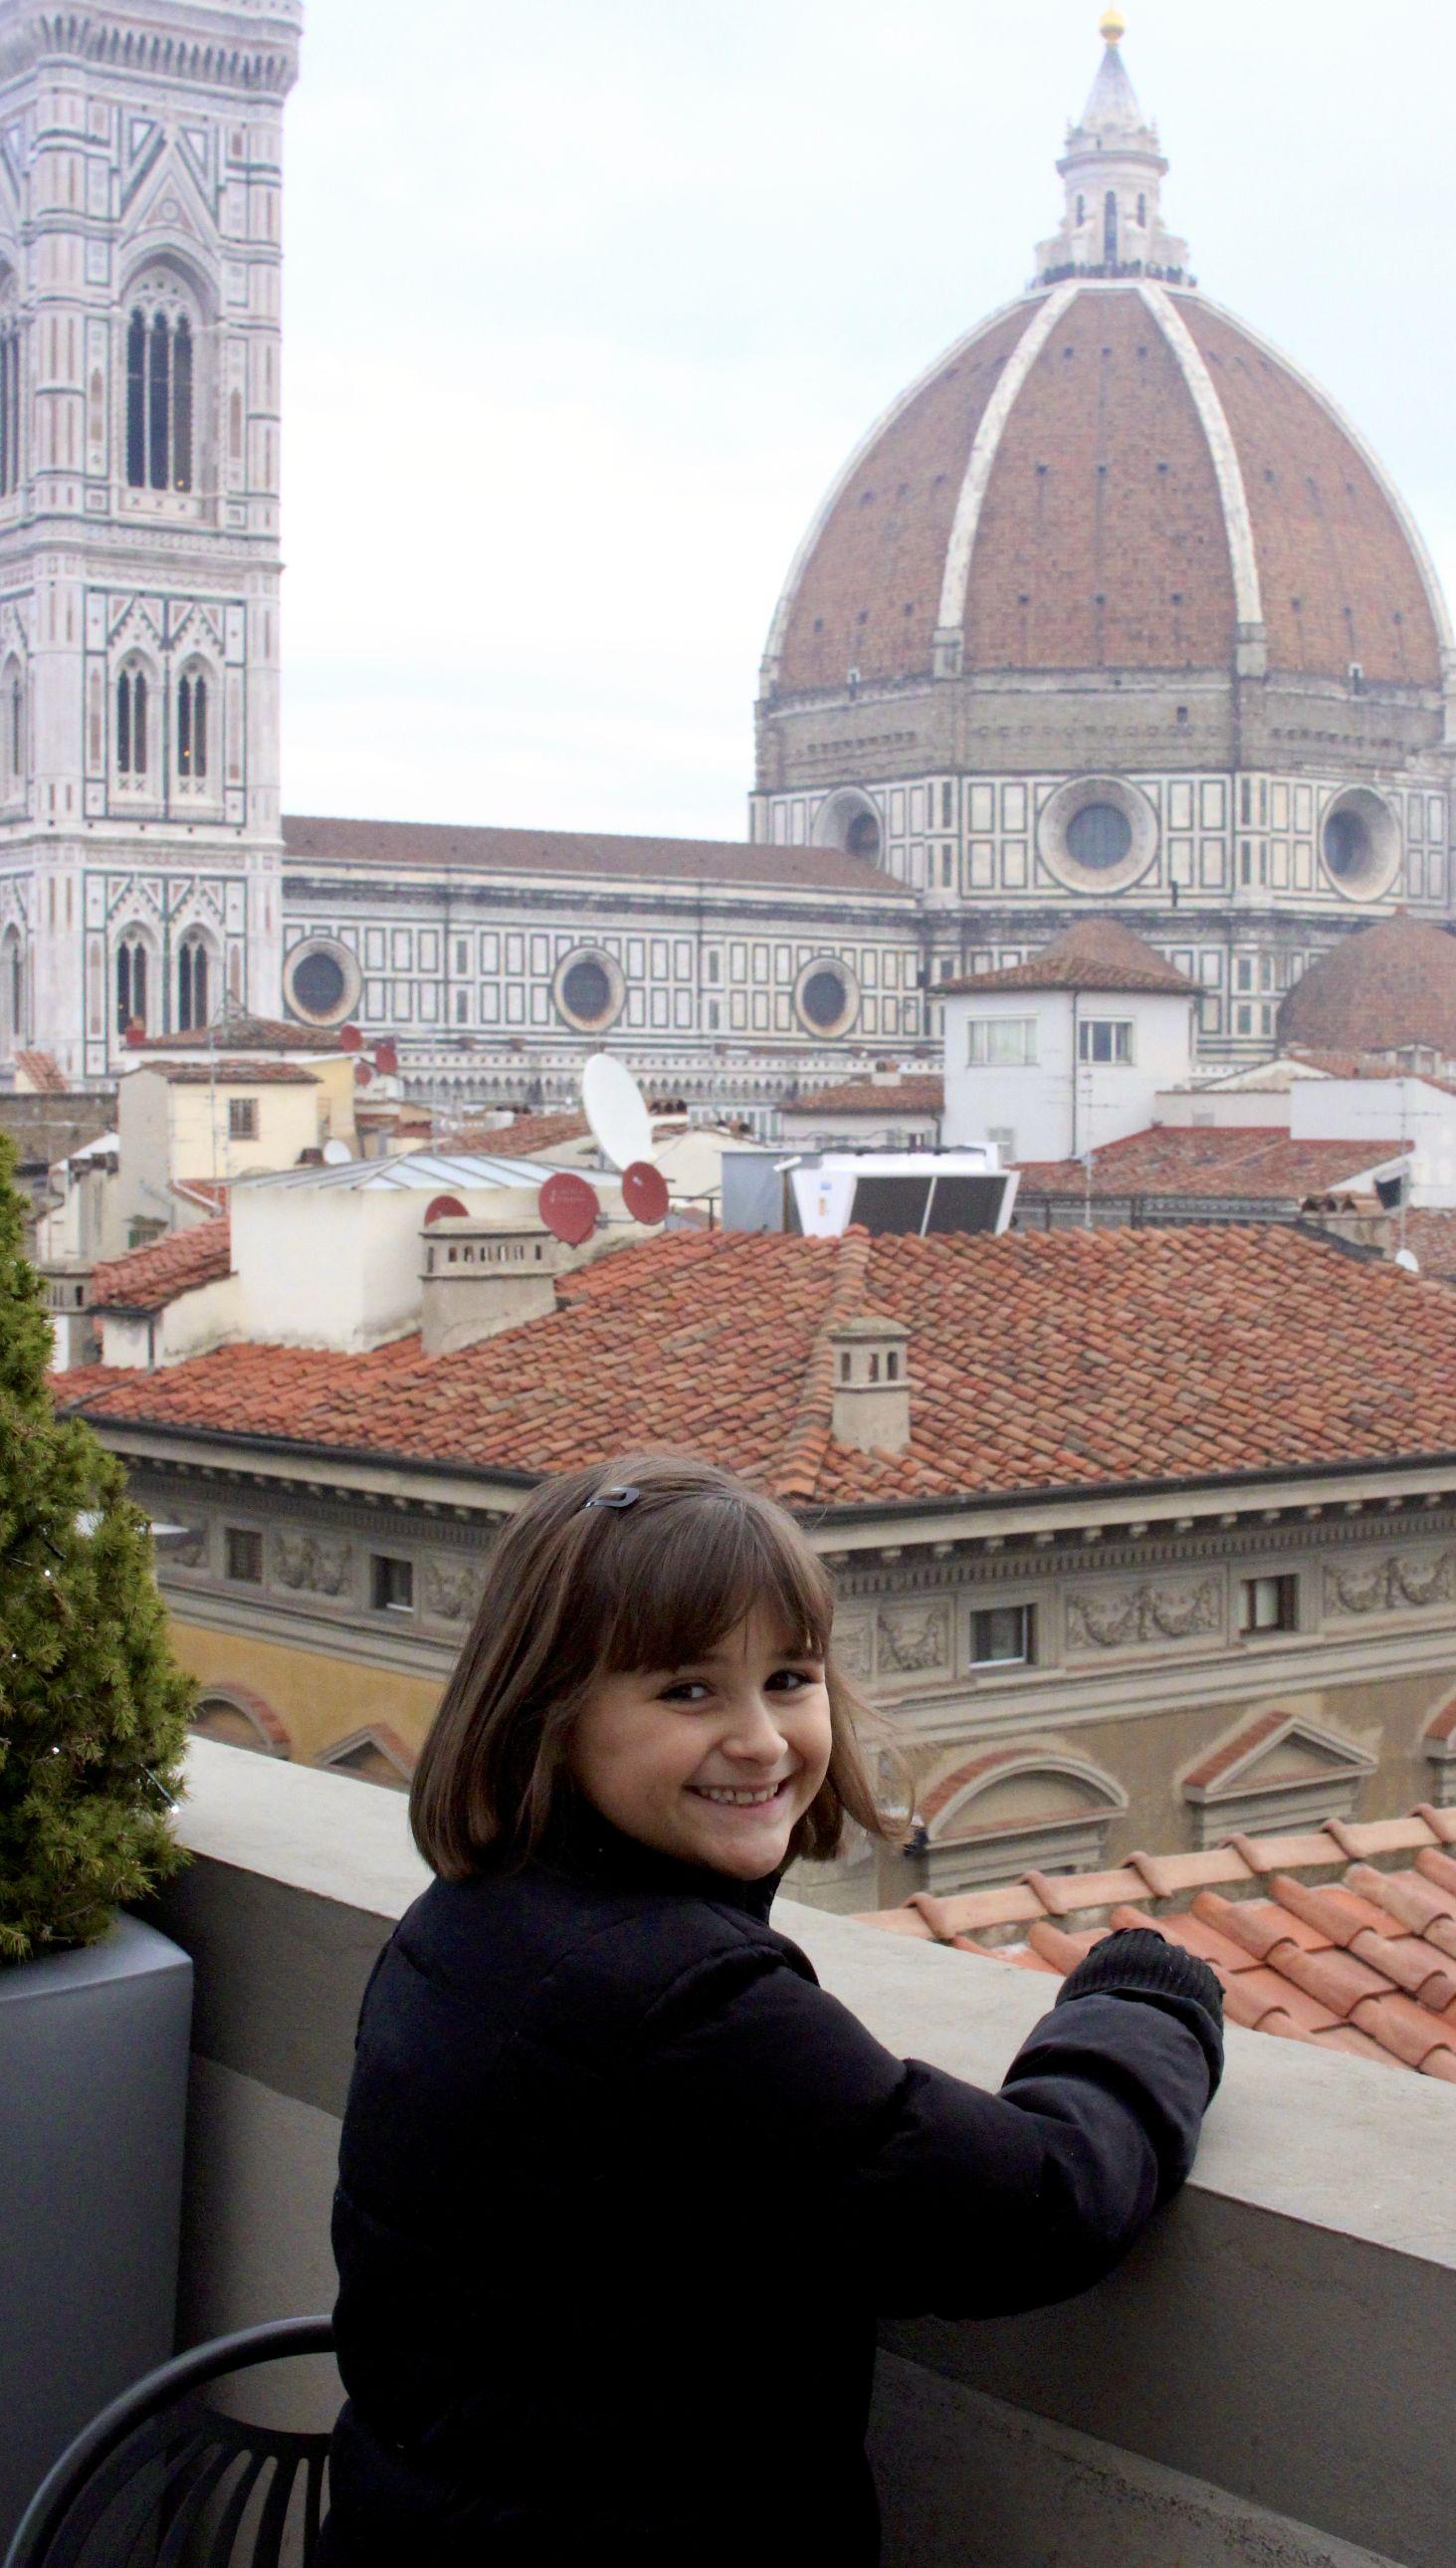 Jillian Enjoying the Duomo